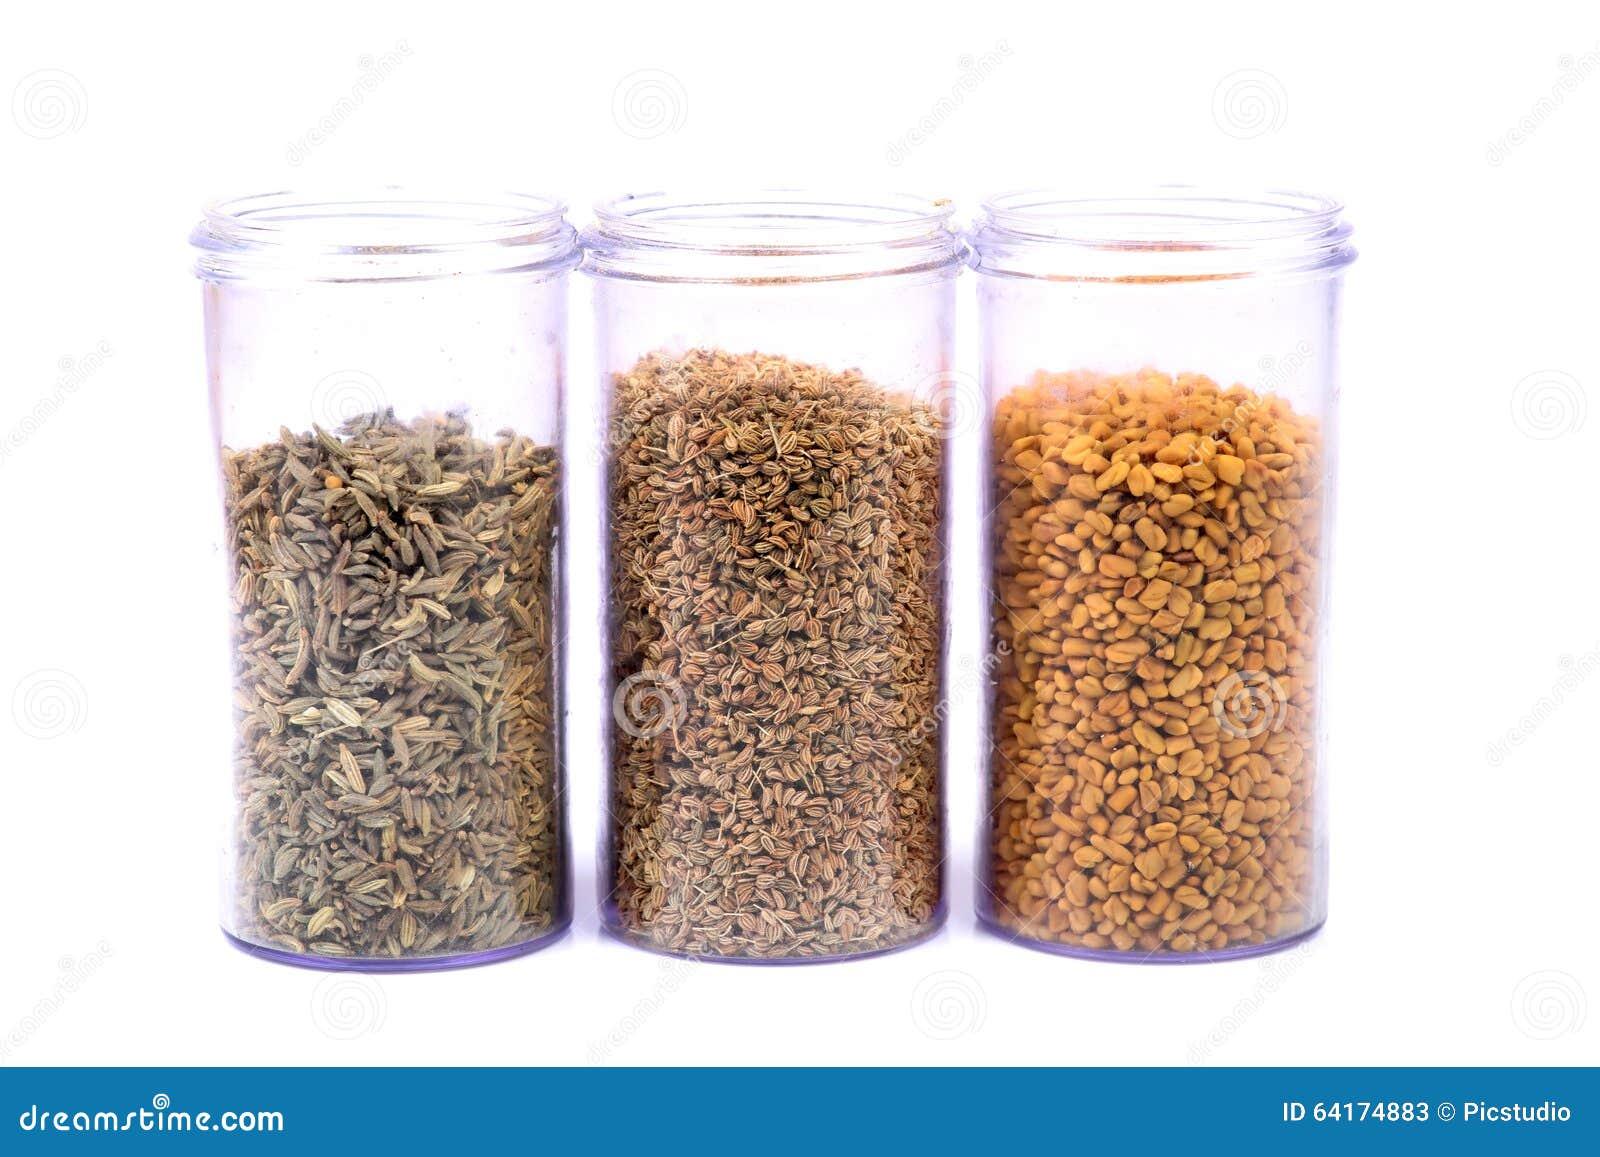 Where can i buy fenugreek powder